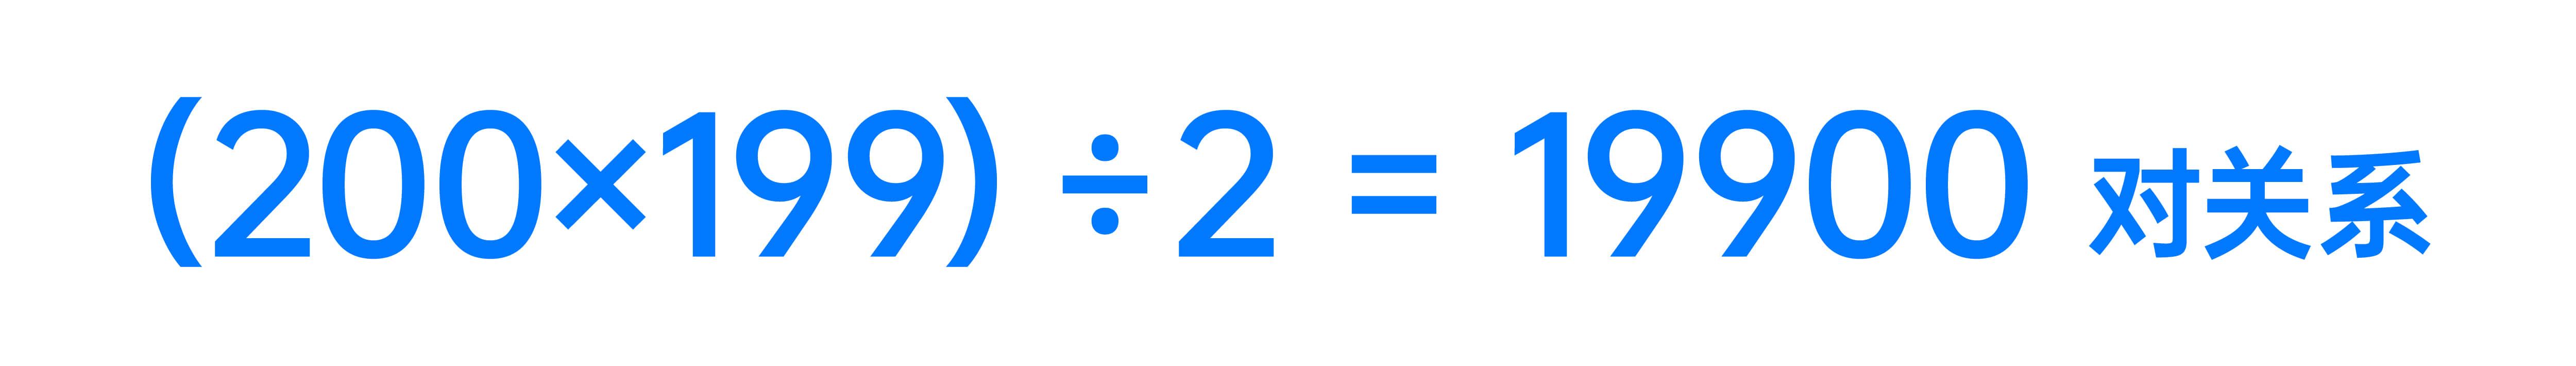 祖源1_画板 1 副本 2(1).jpg